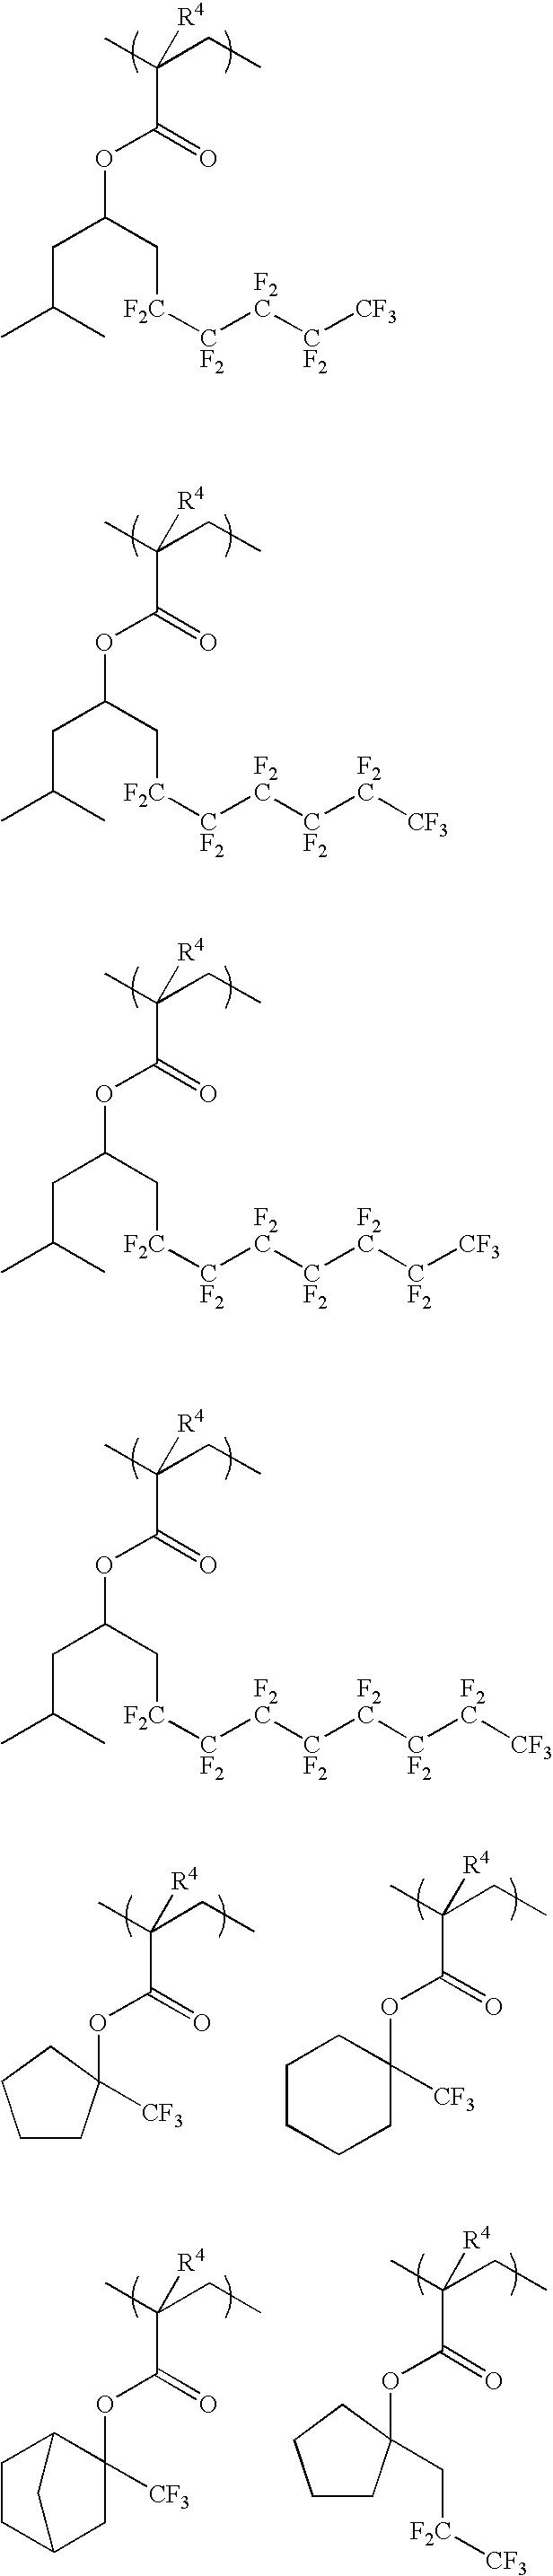 Figure US20070231738A1-20071004-C00017